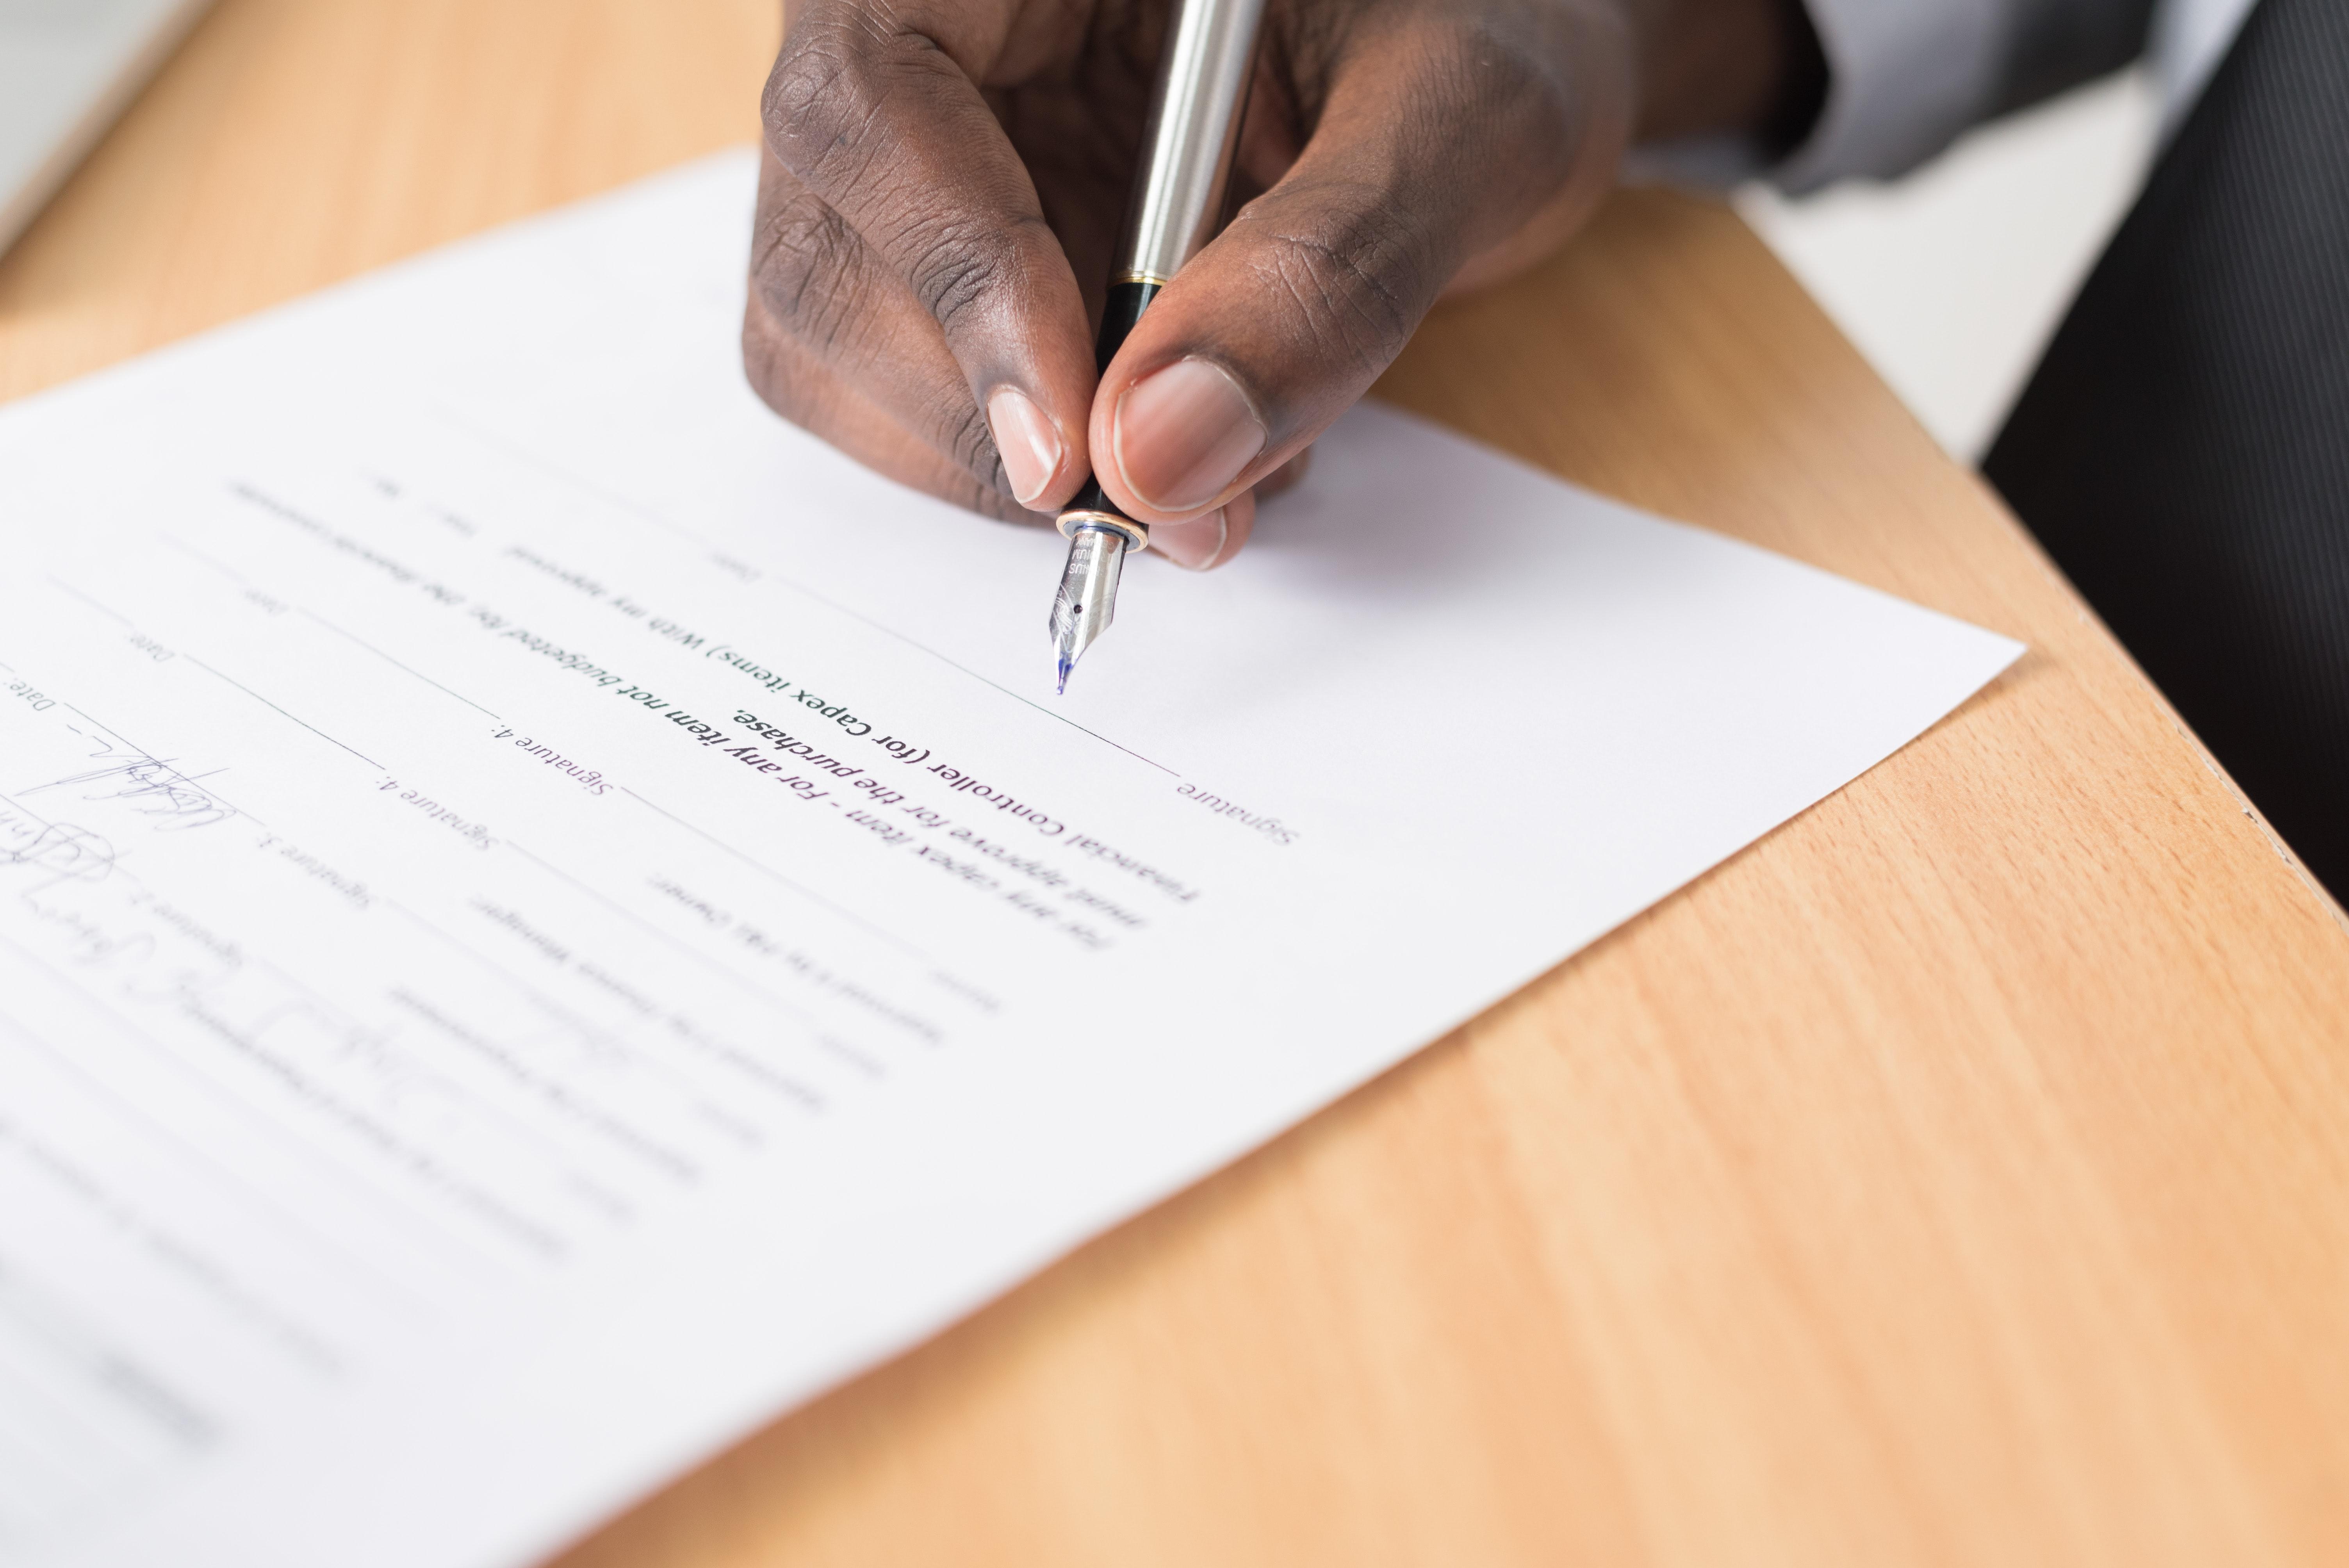 Te contamos si es obligatorio contratar un seguro de vida con tu hipoteca, cuál es la legalidad vigente y consejos para que tu hipoteca sea más rentable.